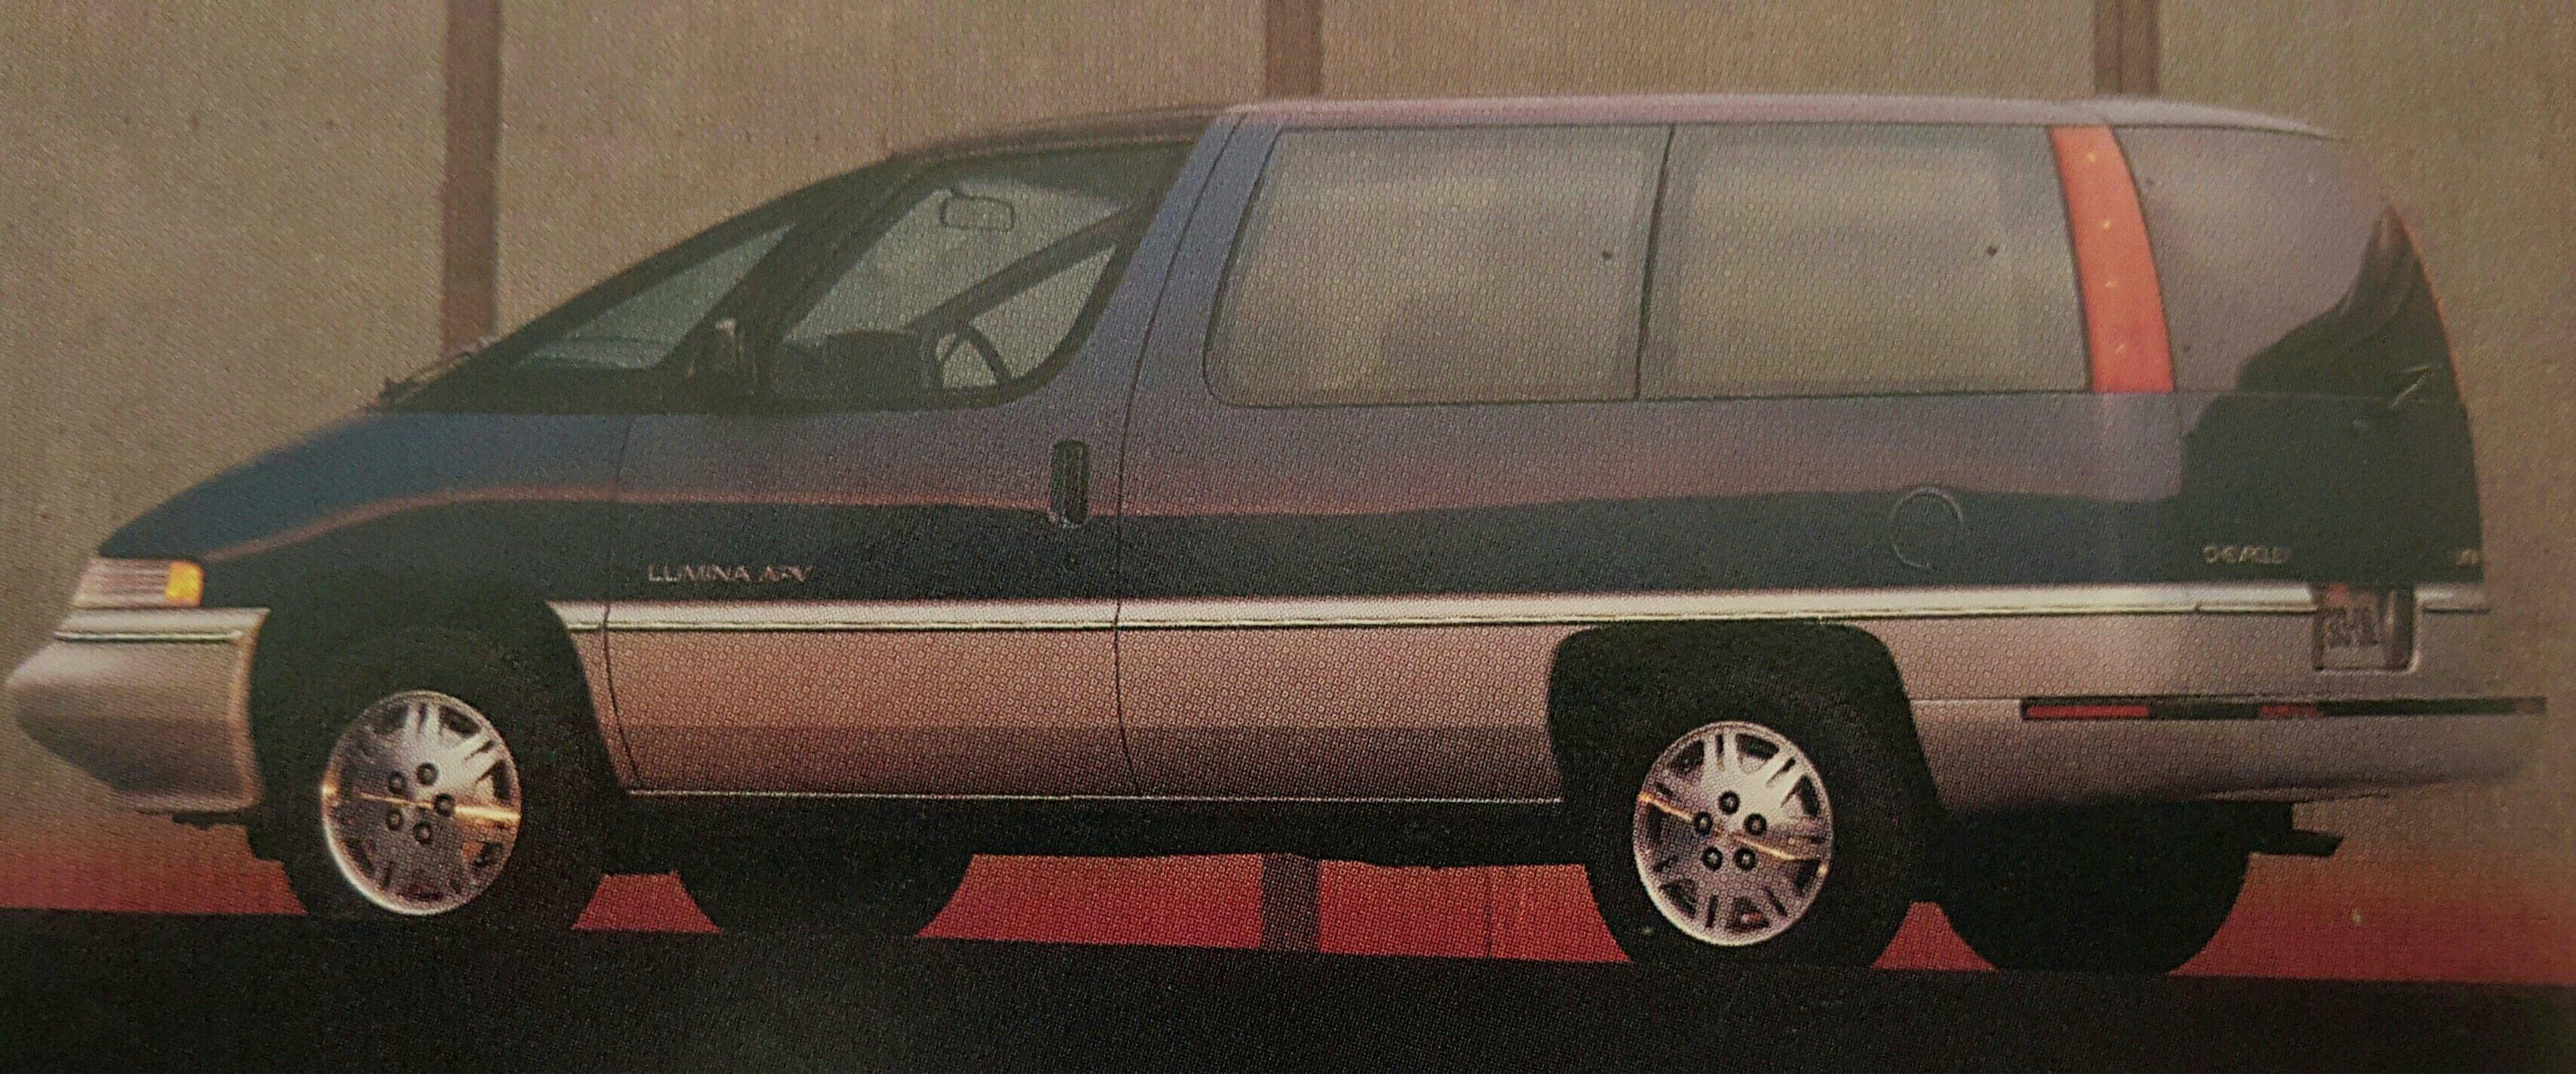 1991 Chevrolet Lumina Apv Chevrolet Lumina Chevrolet Cars Trucks